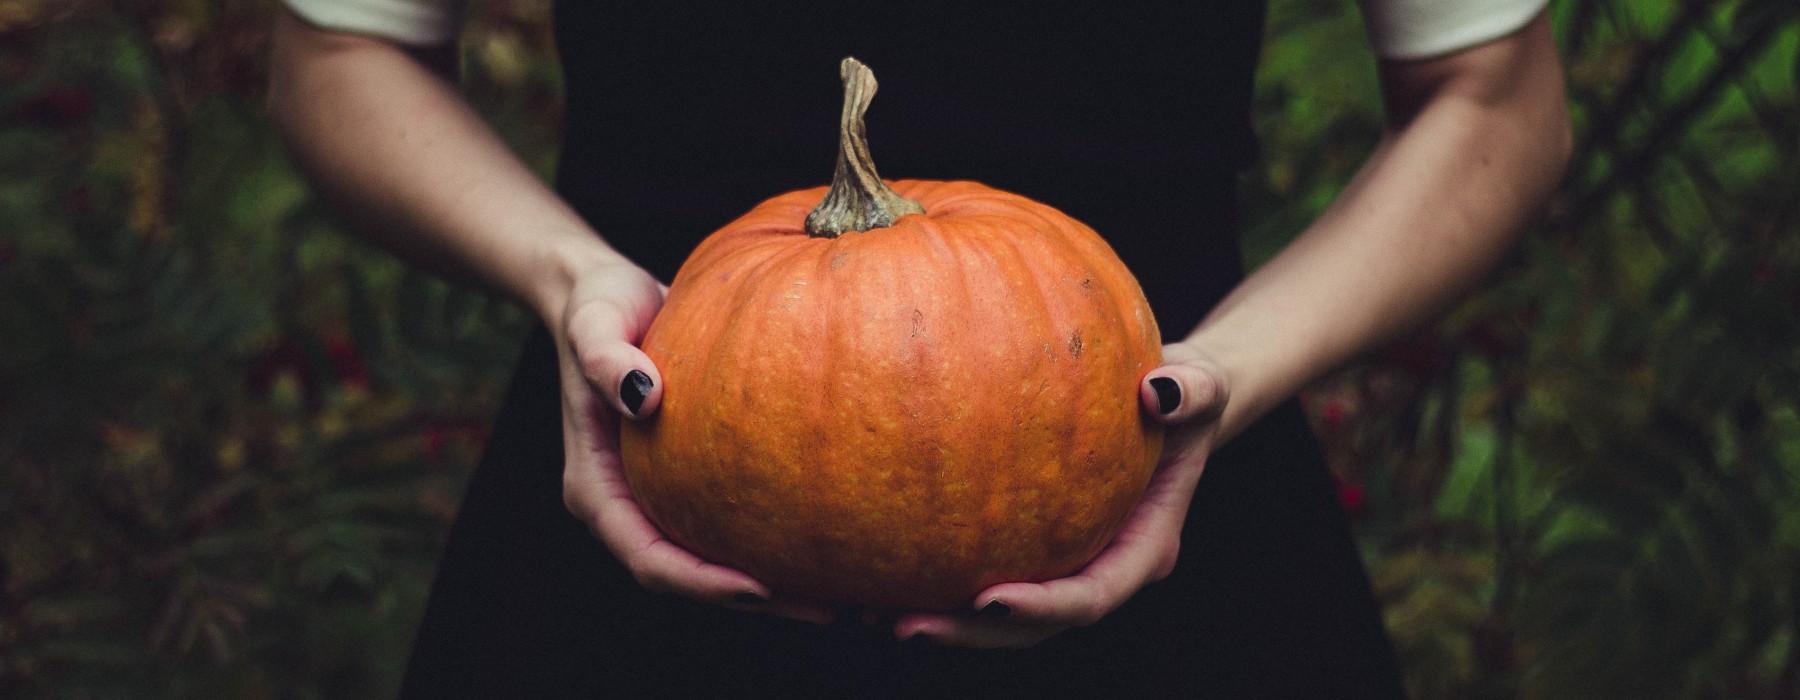 Zniżki na Halloween. 15 okazji, żeby zaoszczędzić